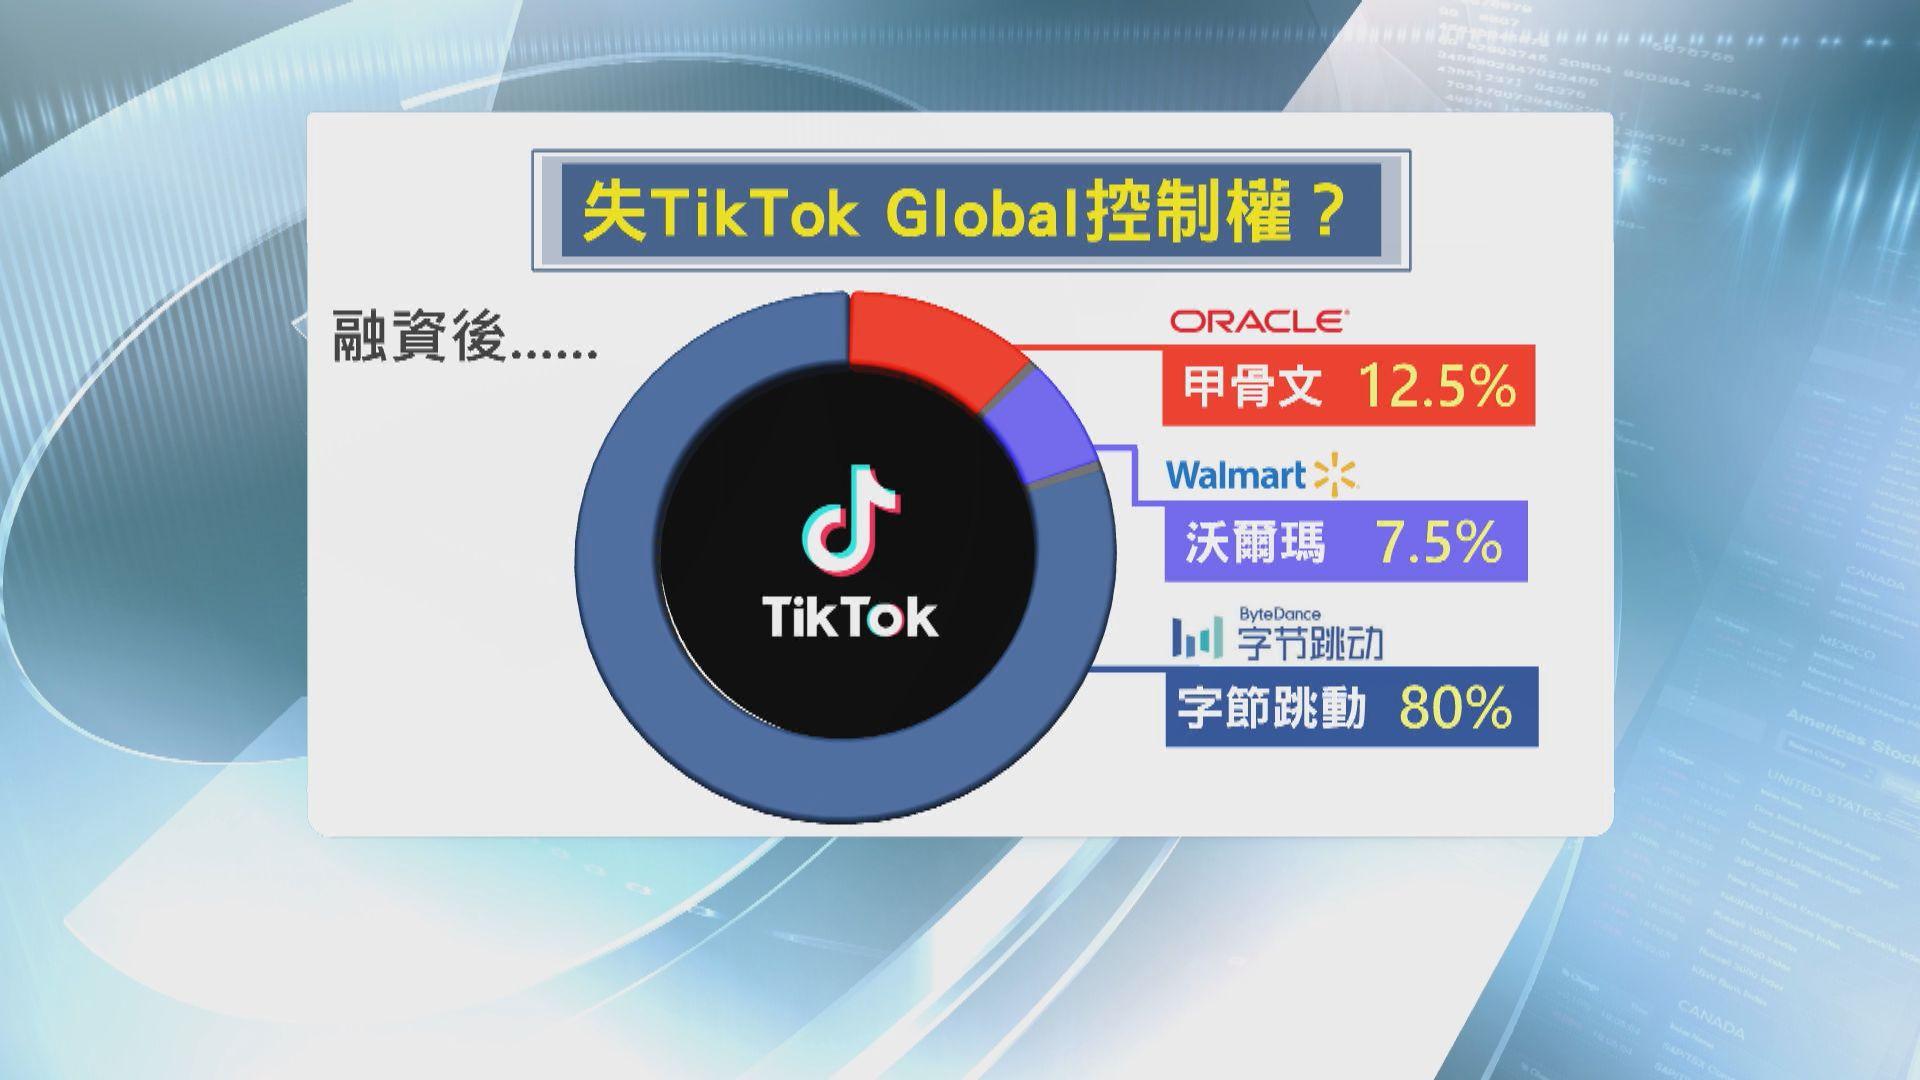 特朗普指甲骨文和沃爾瑪須完全控制TikTok新公司 外交部重申不評論企業商業行為